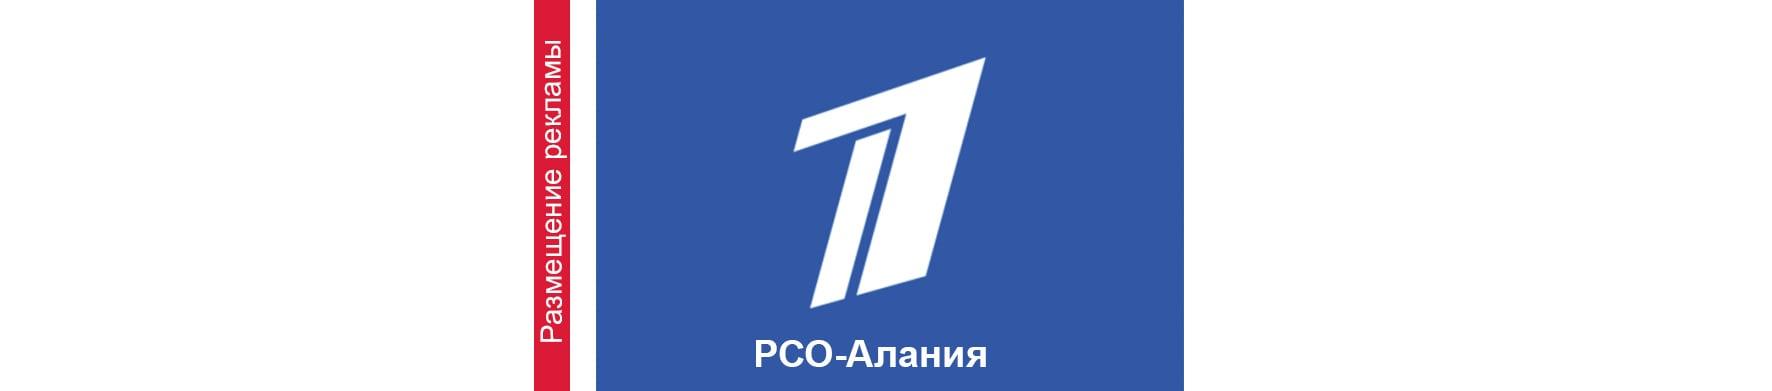 Реклама на телевидении в РСО-Алания Первый канал